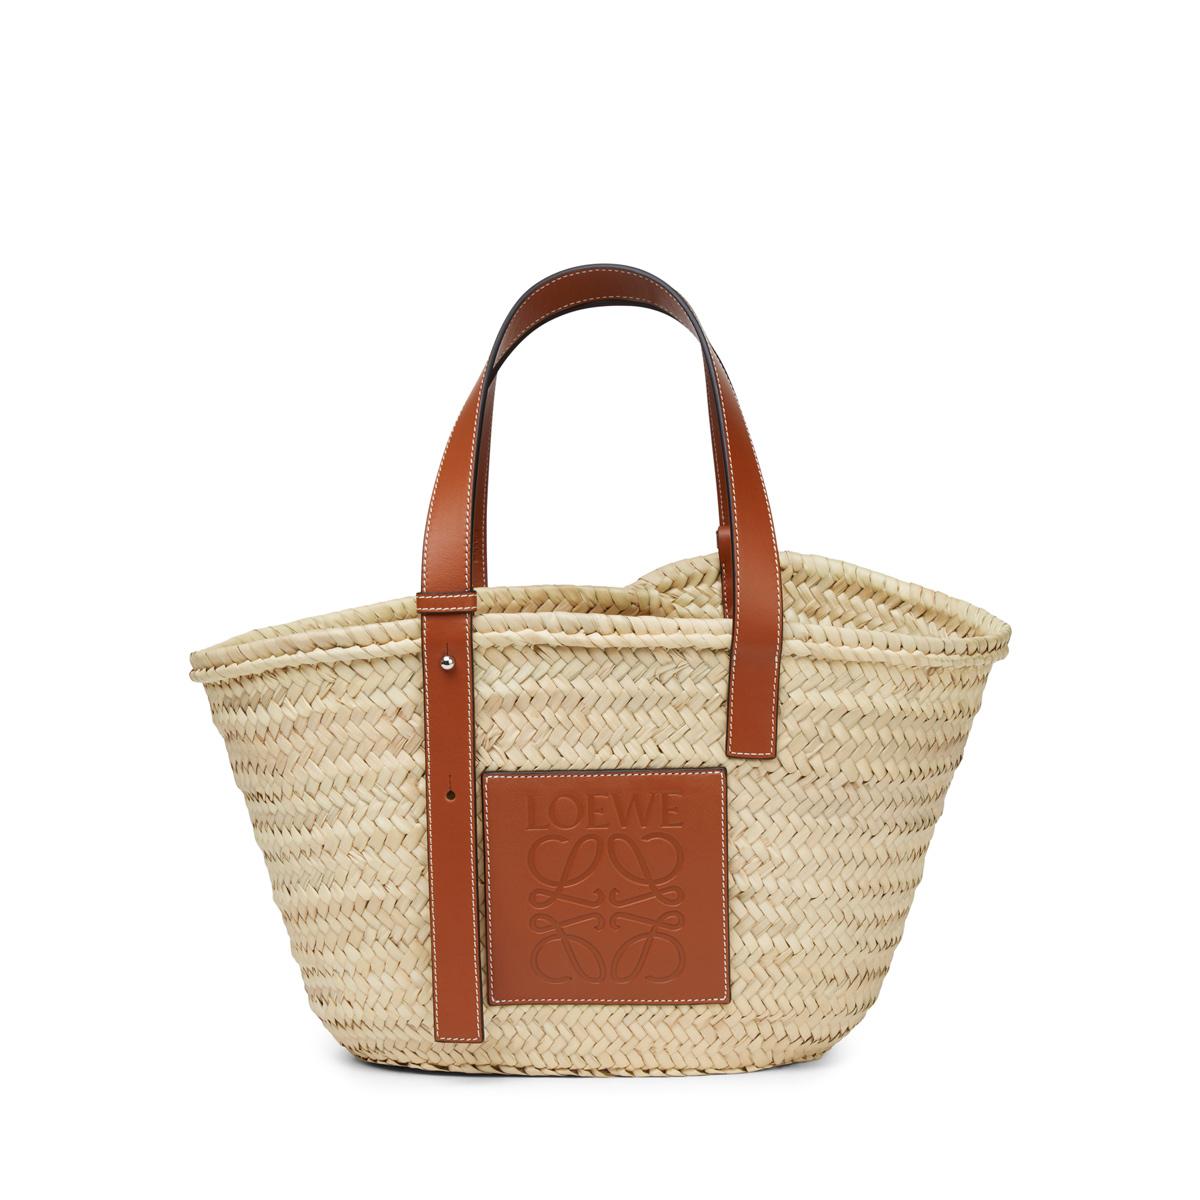 8c513848c86 Basket Natural/Tan - LOEWE